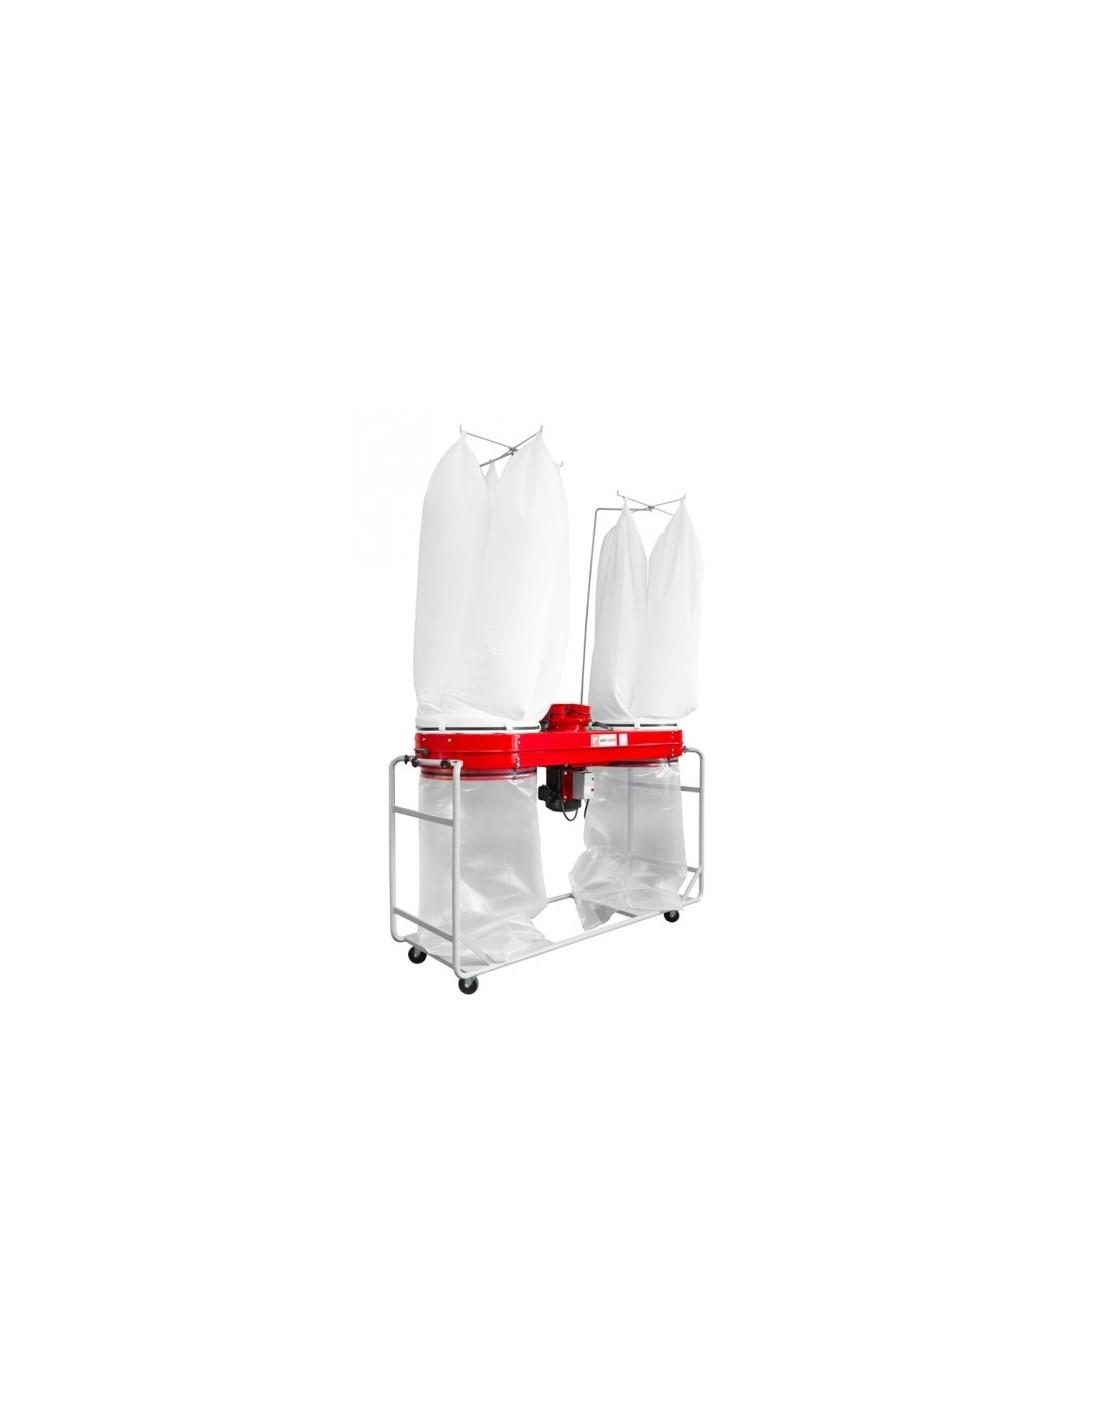 Este echipat cu sistem de rotile ce asigura o deplasare facila